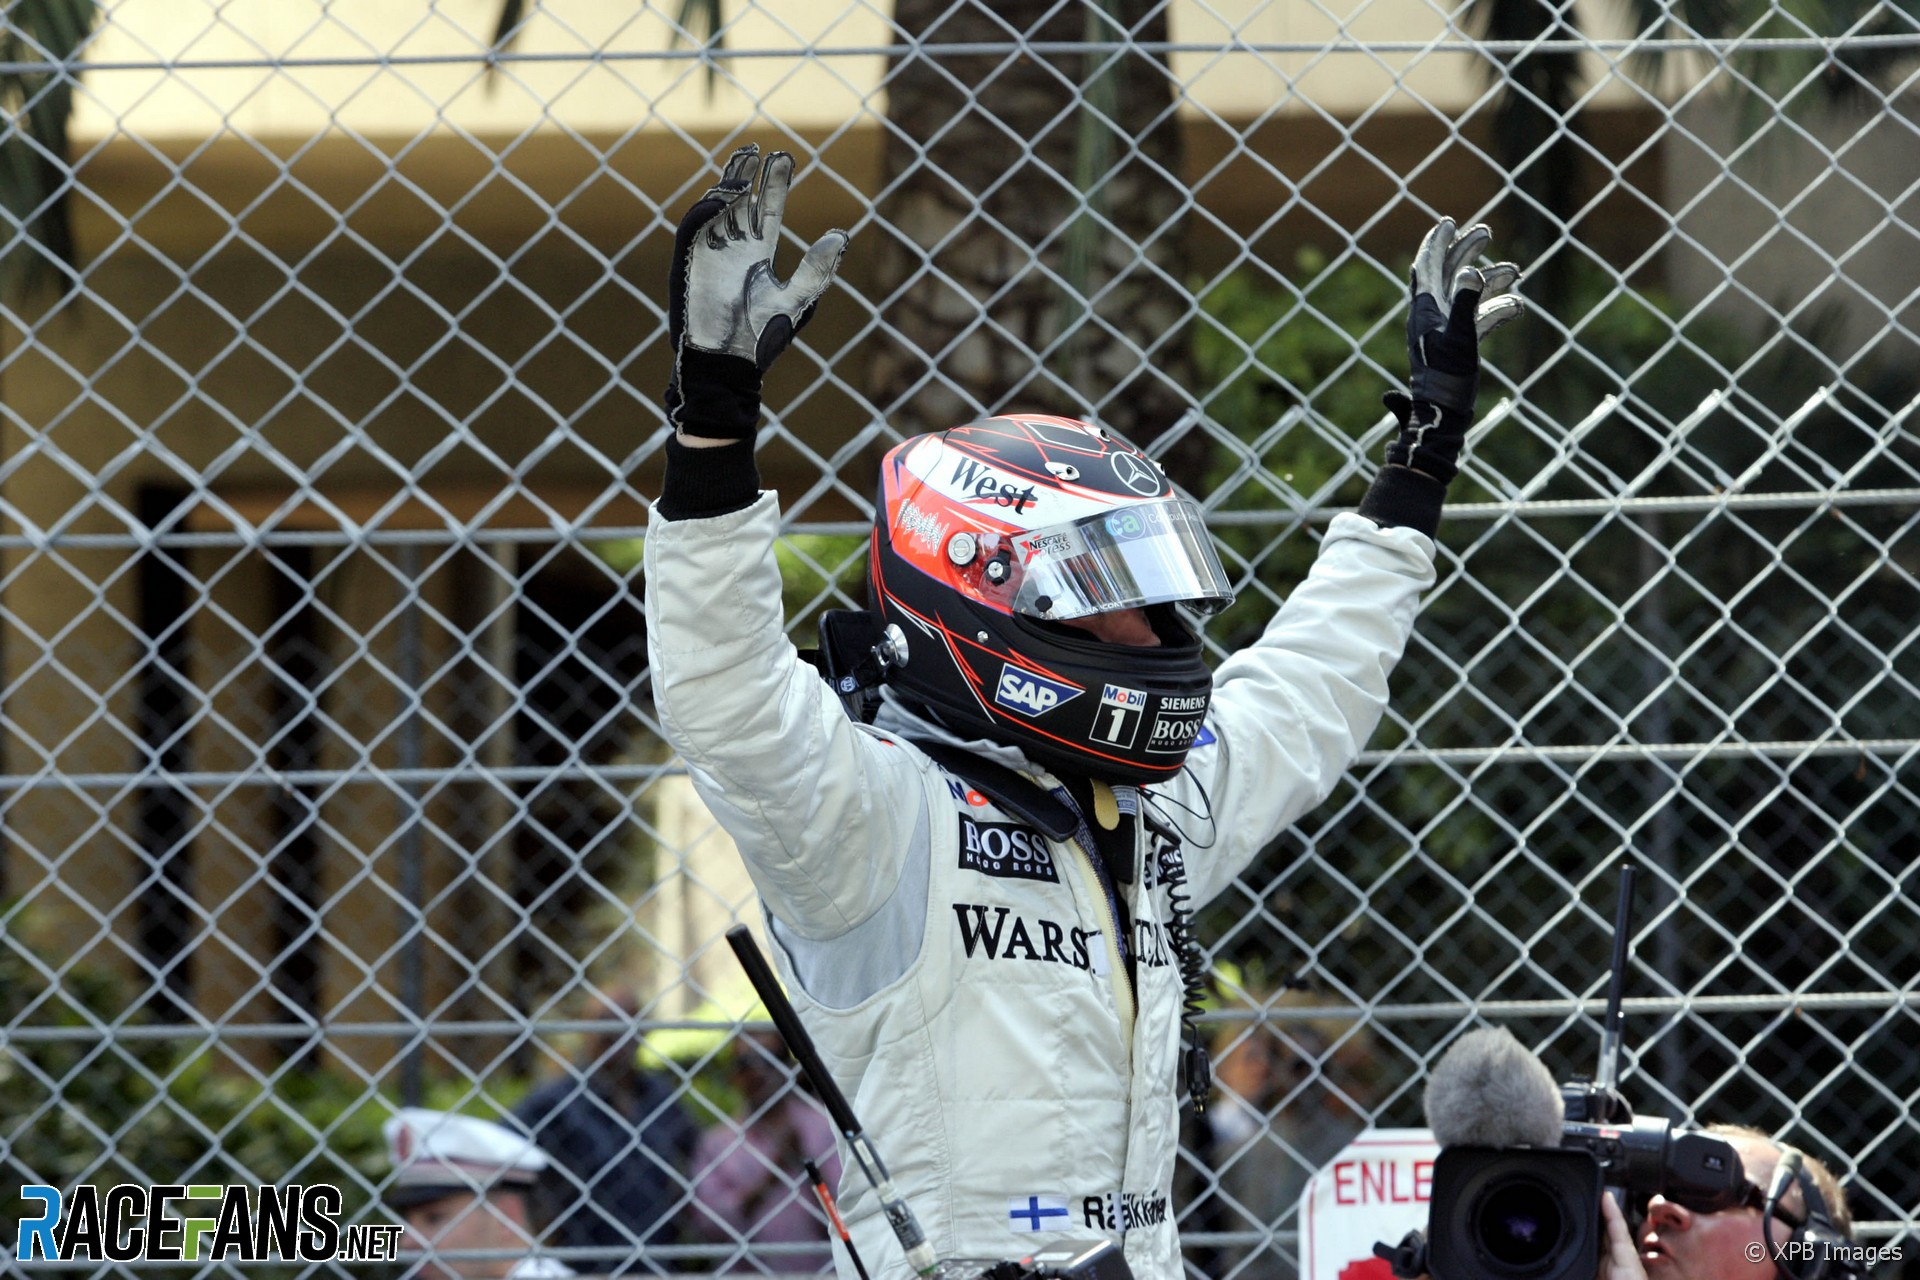 Kimi Raikkonen, McLaren, Monaco, 2005